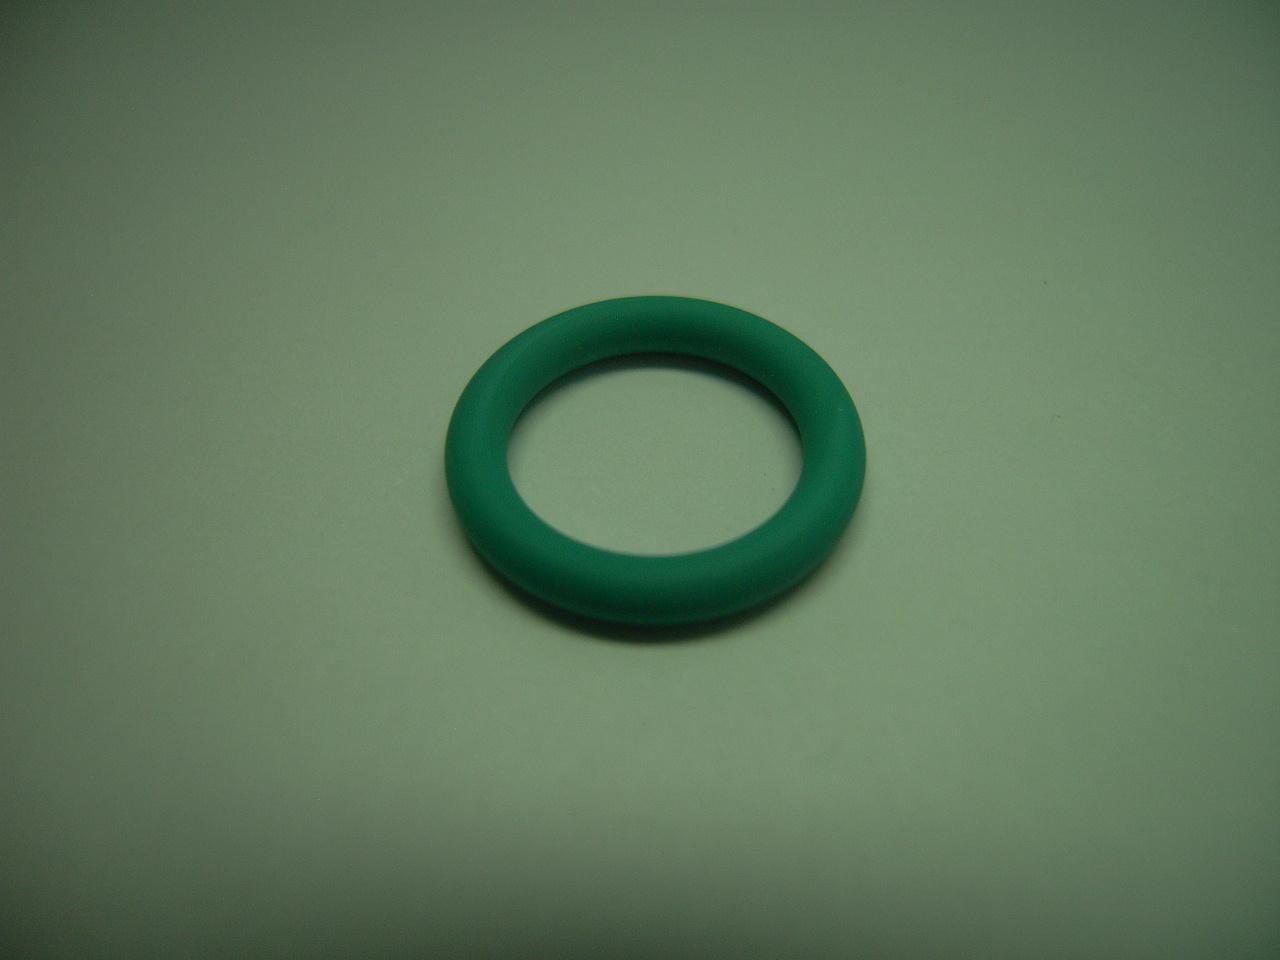 Ersatz O-Ring passend für die Adapter 99020 und 99021 und RDV